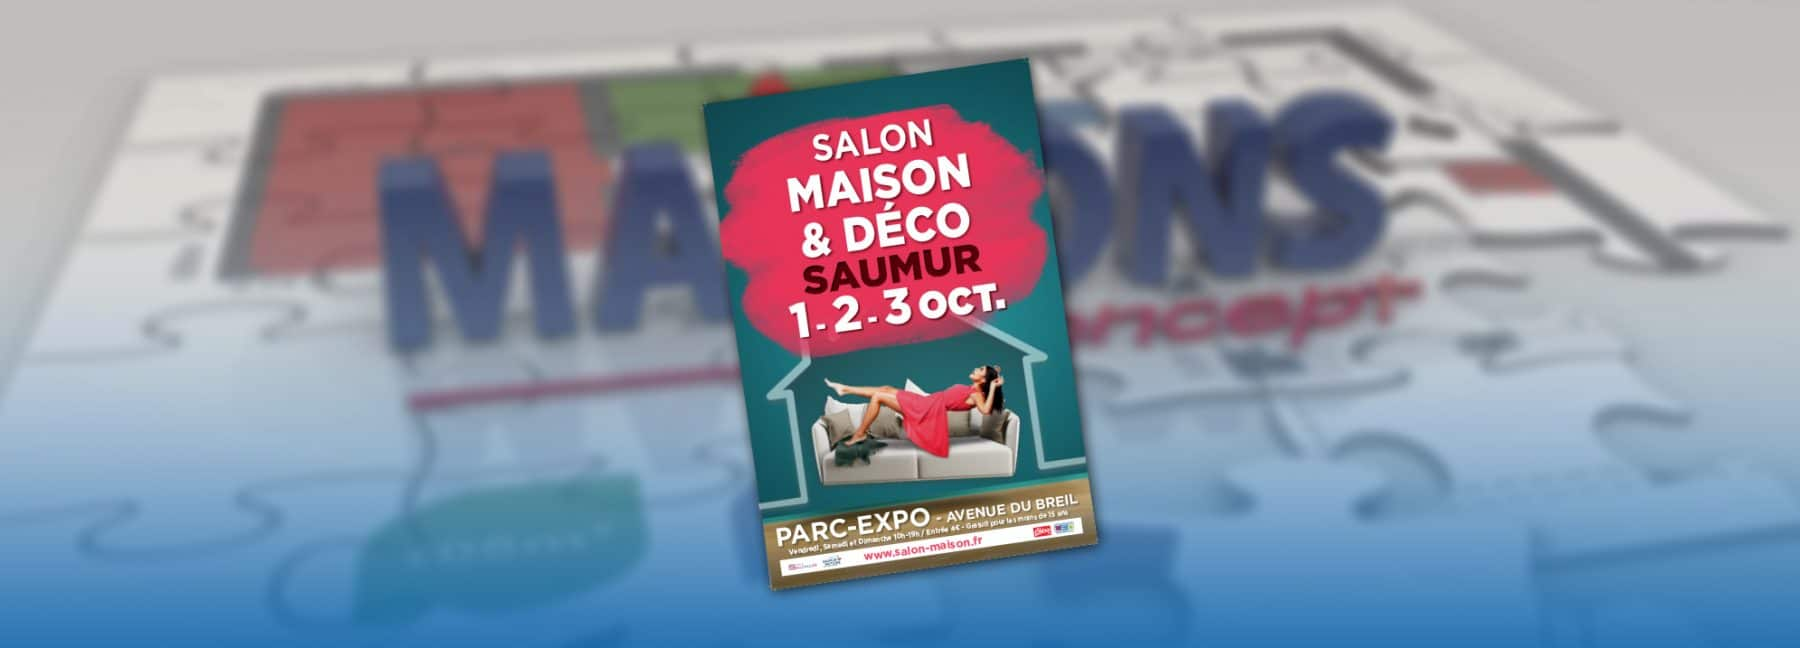 maisons-concept-au-salon-maison-&-deco-a-saumur-(49400)